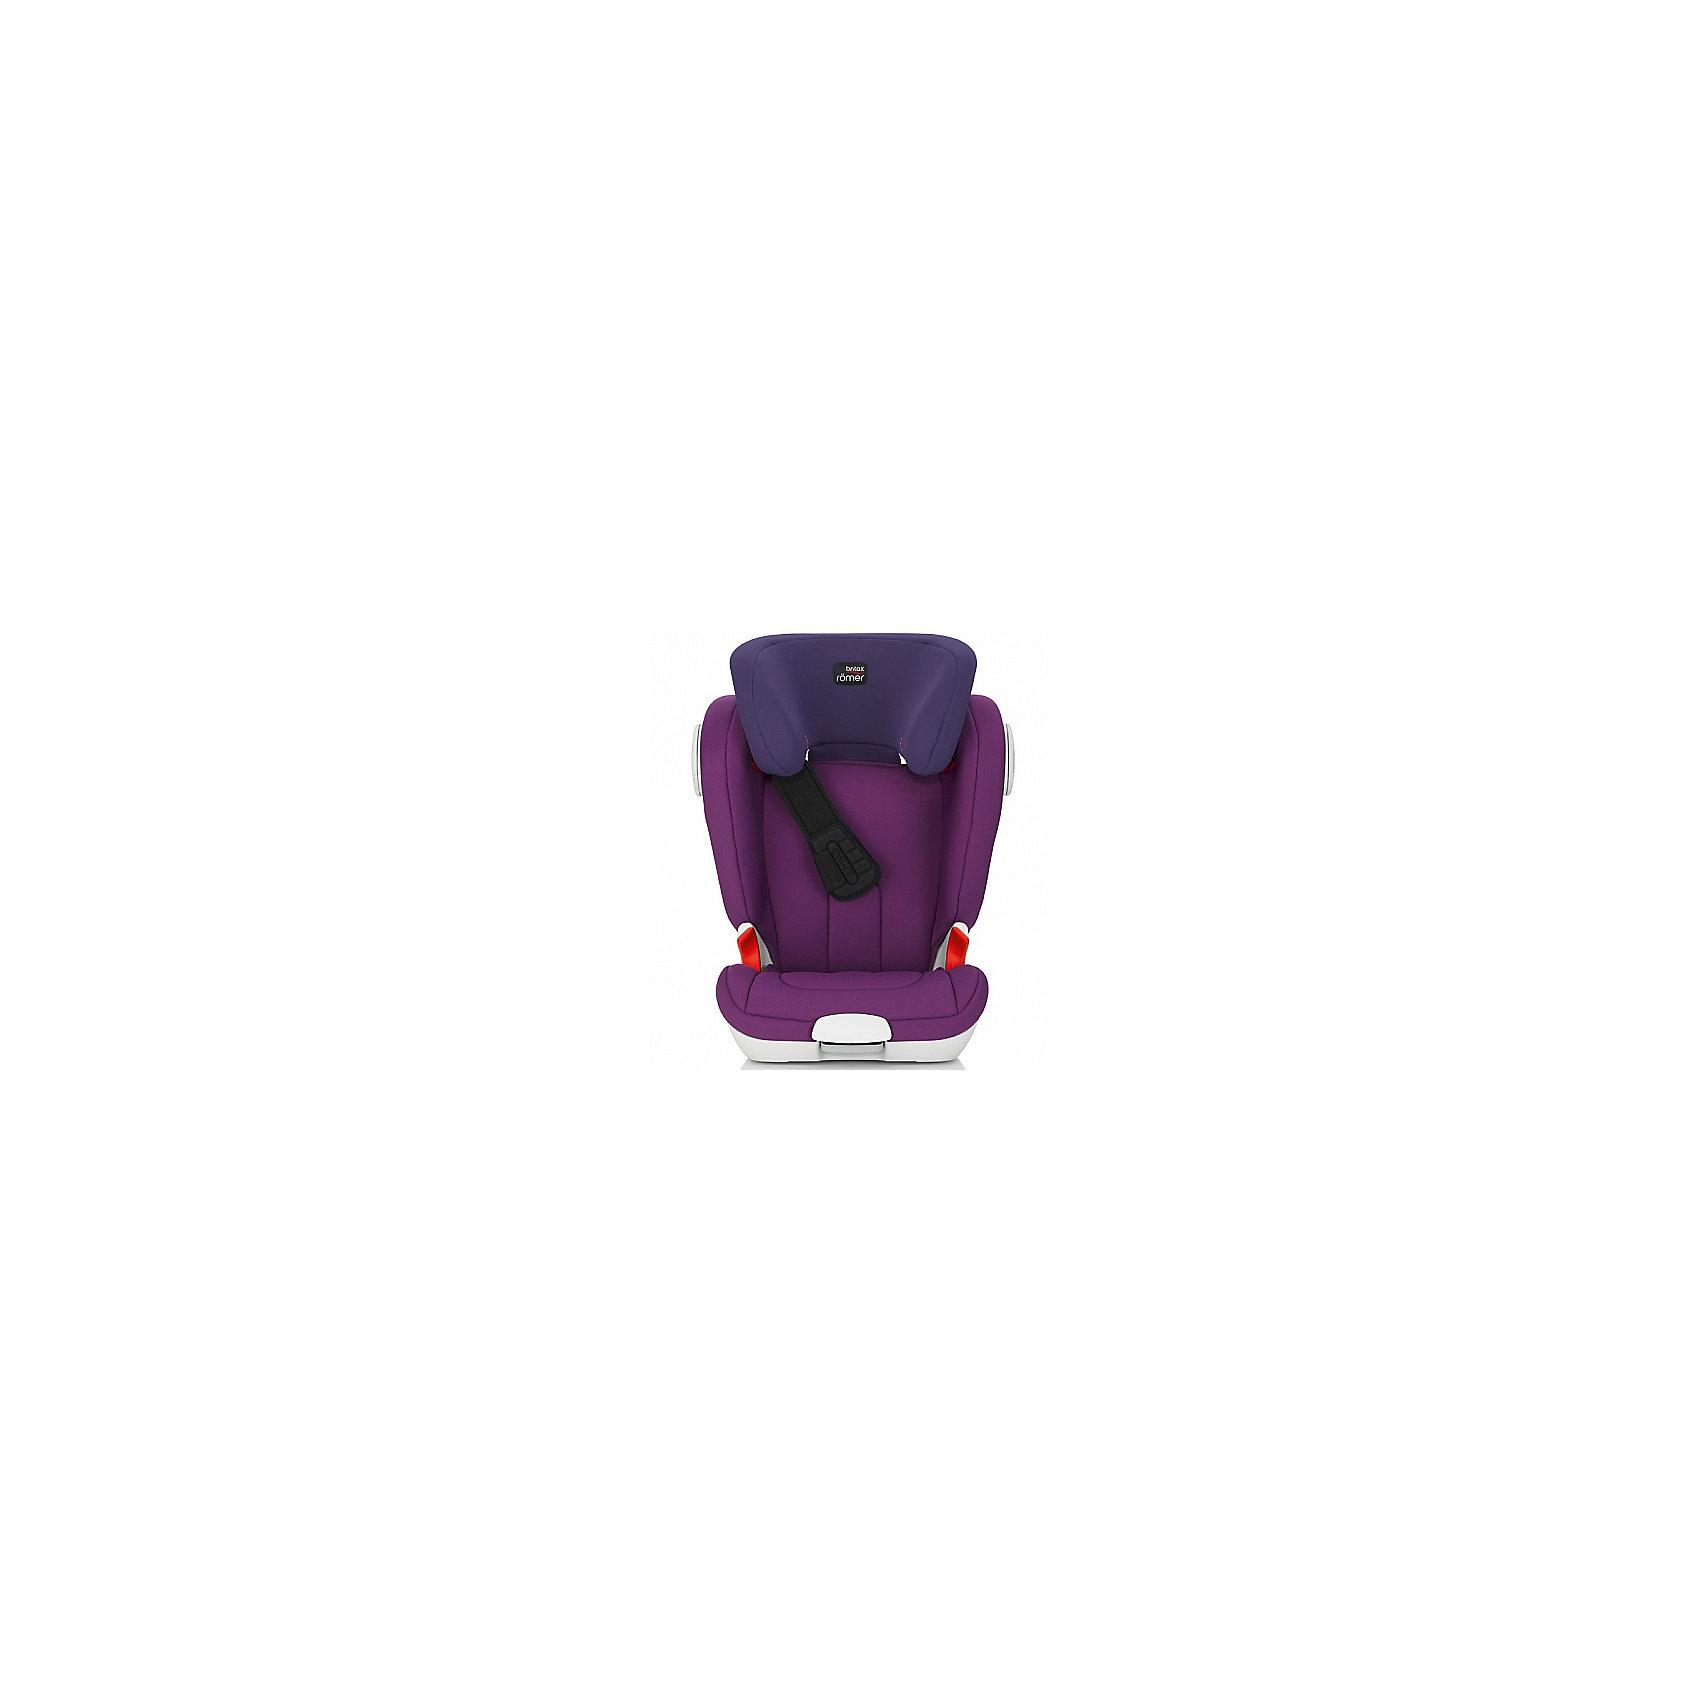 Britax Römer Автокресло KIDFIX XP-SICT 15-36 кг., Britax Römer, Mineral Purple britax römer автокресло kidfix xp 15 36 кг britax römer flame red